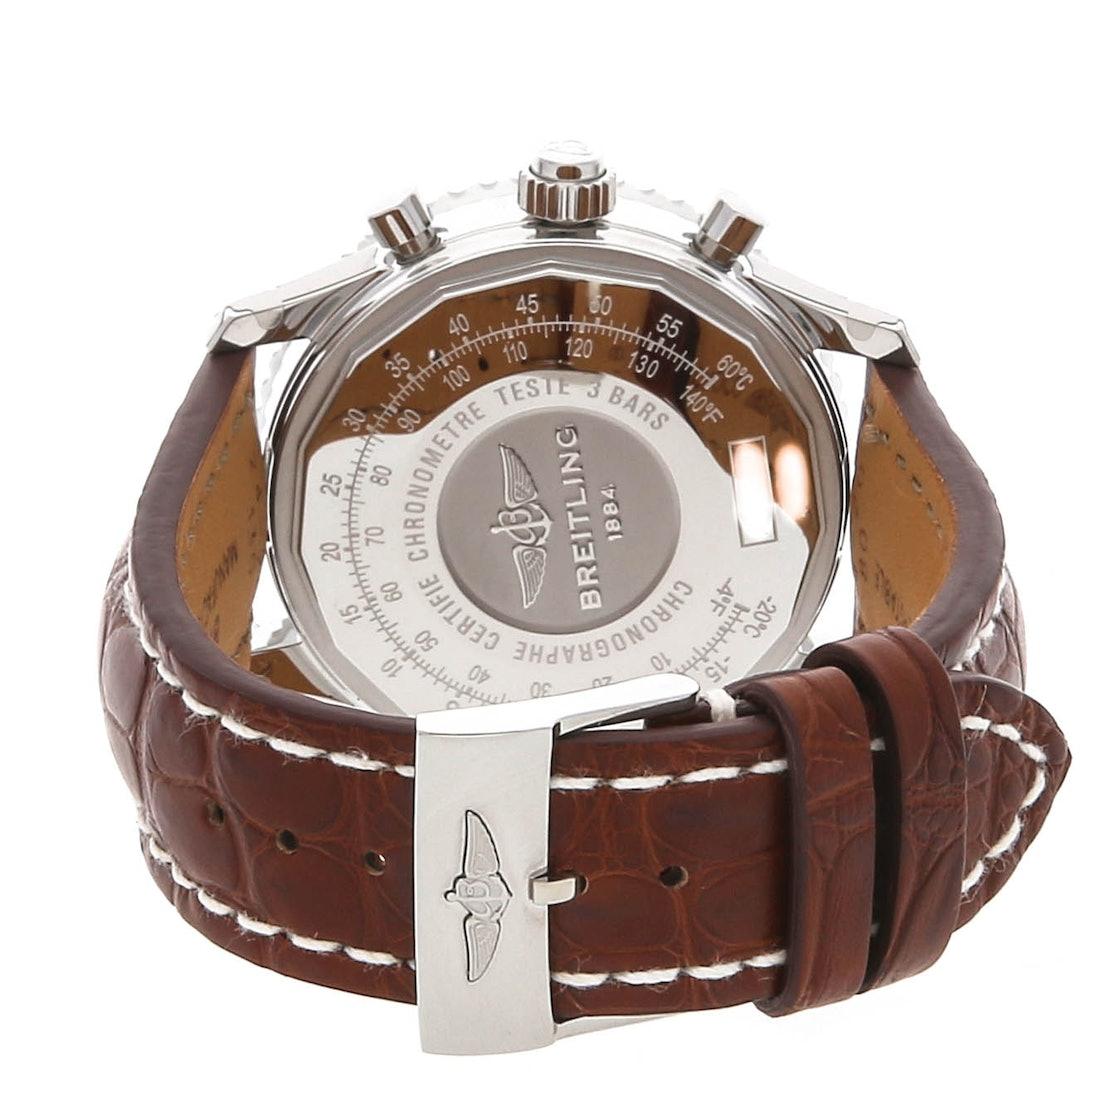 Breitling Navitimer 1 B03 Chronograph Rattrapante 45 AB031021/Q615